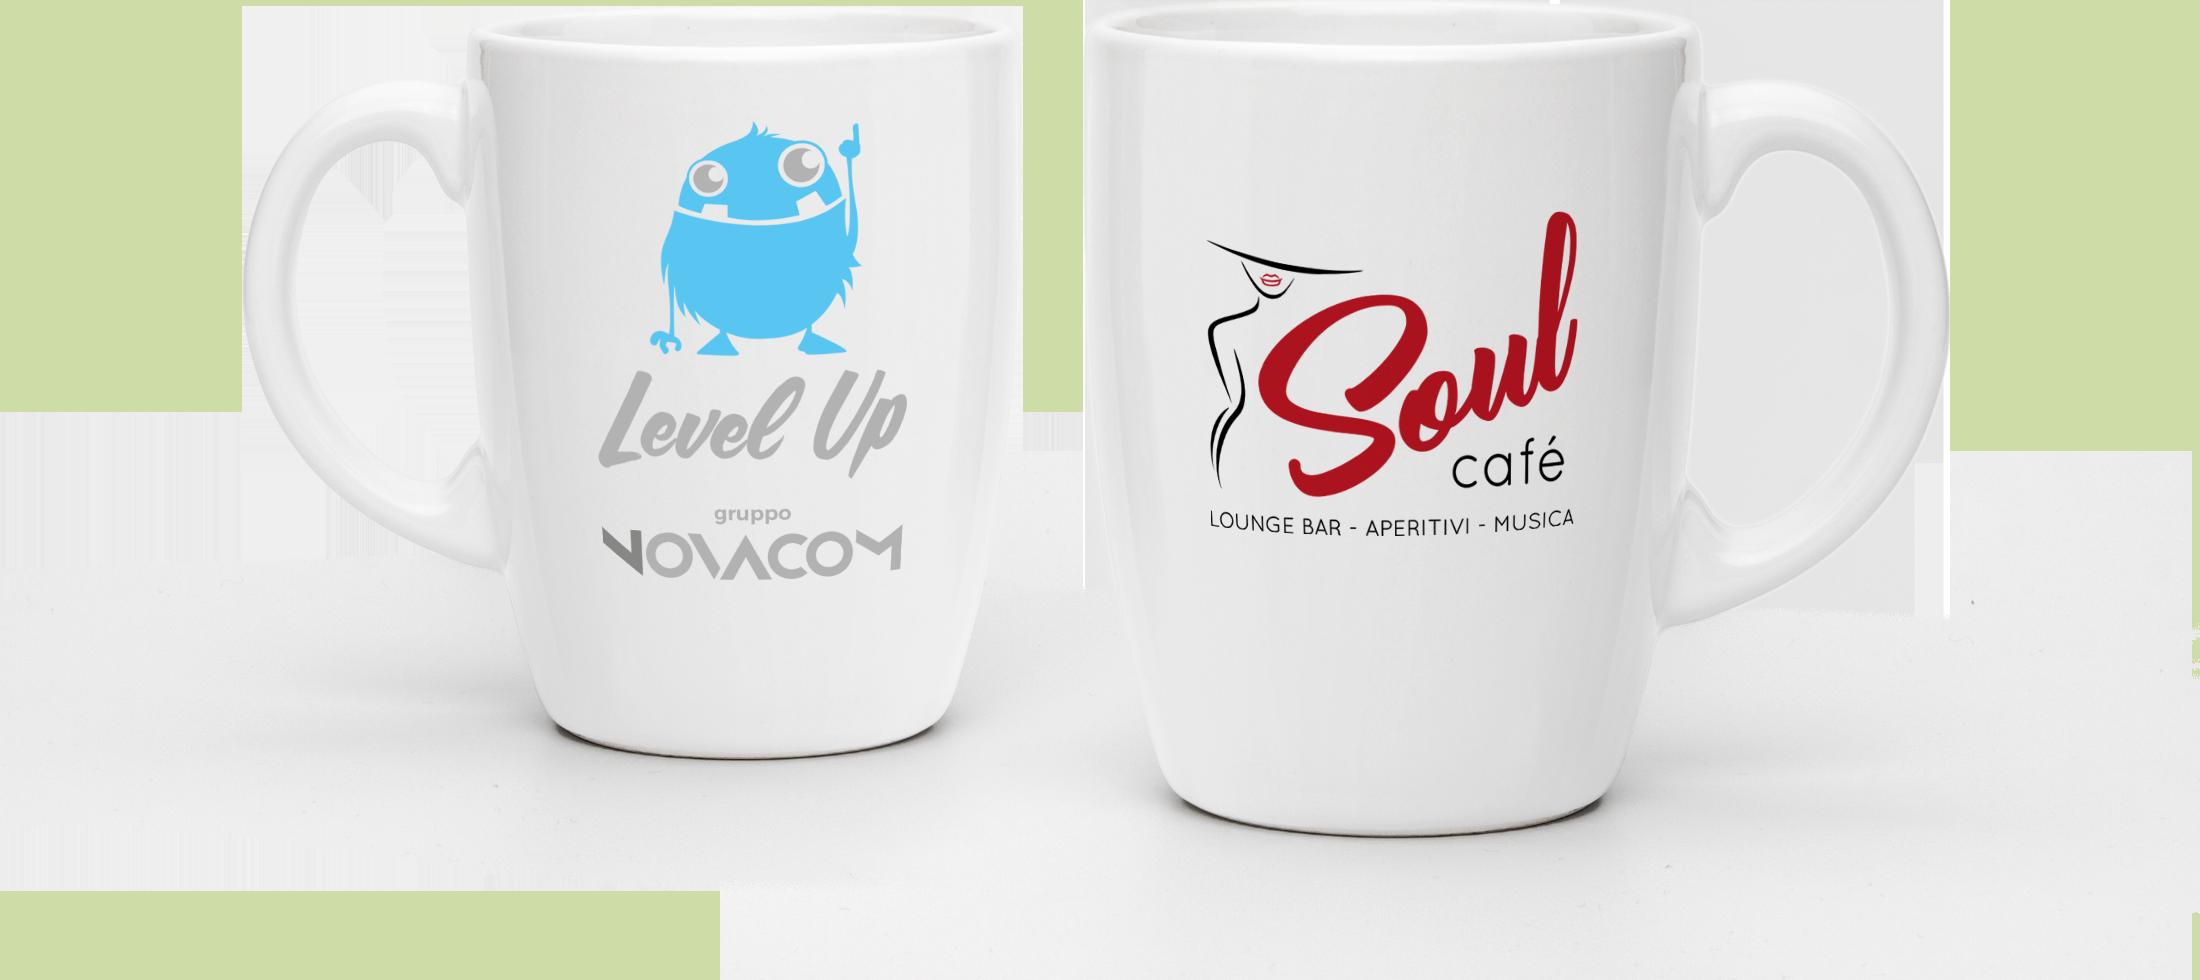 Soul Cafe ha scelto Level Up per la creazione del suo logo e la sua immagine coordinata